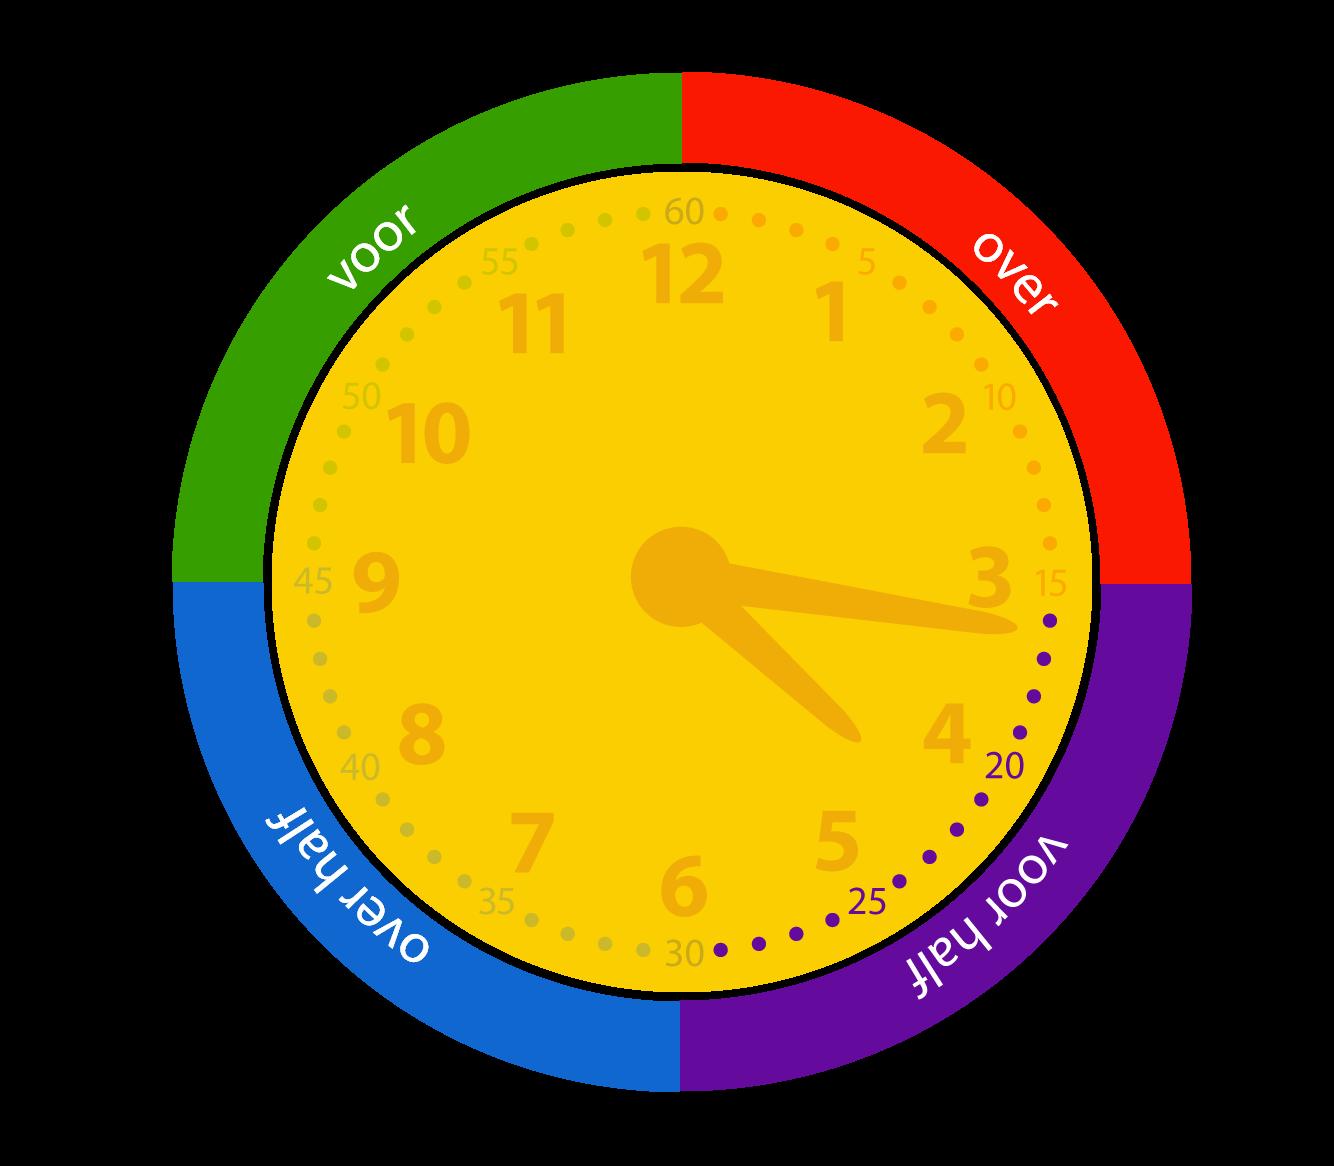 Minuten voor half aflezen op de analoge klok. Leren klokkijken. Online oefenen.